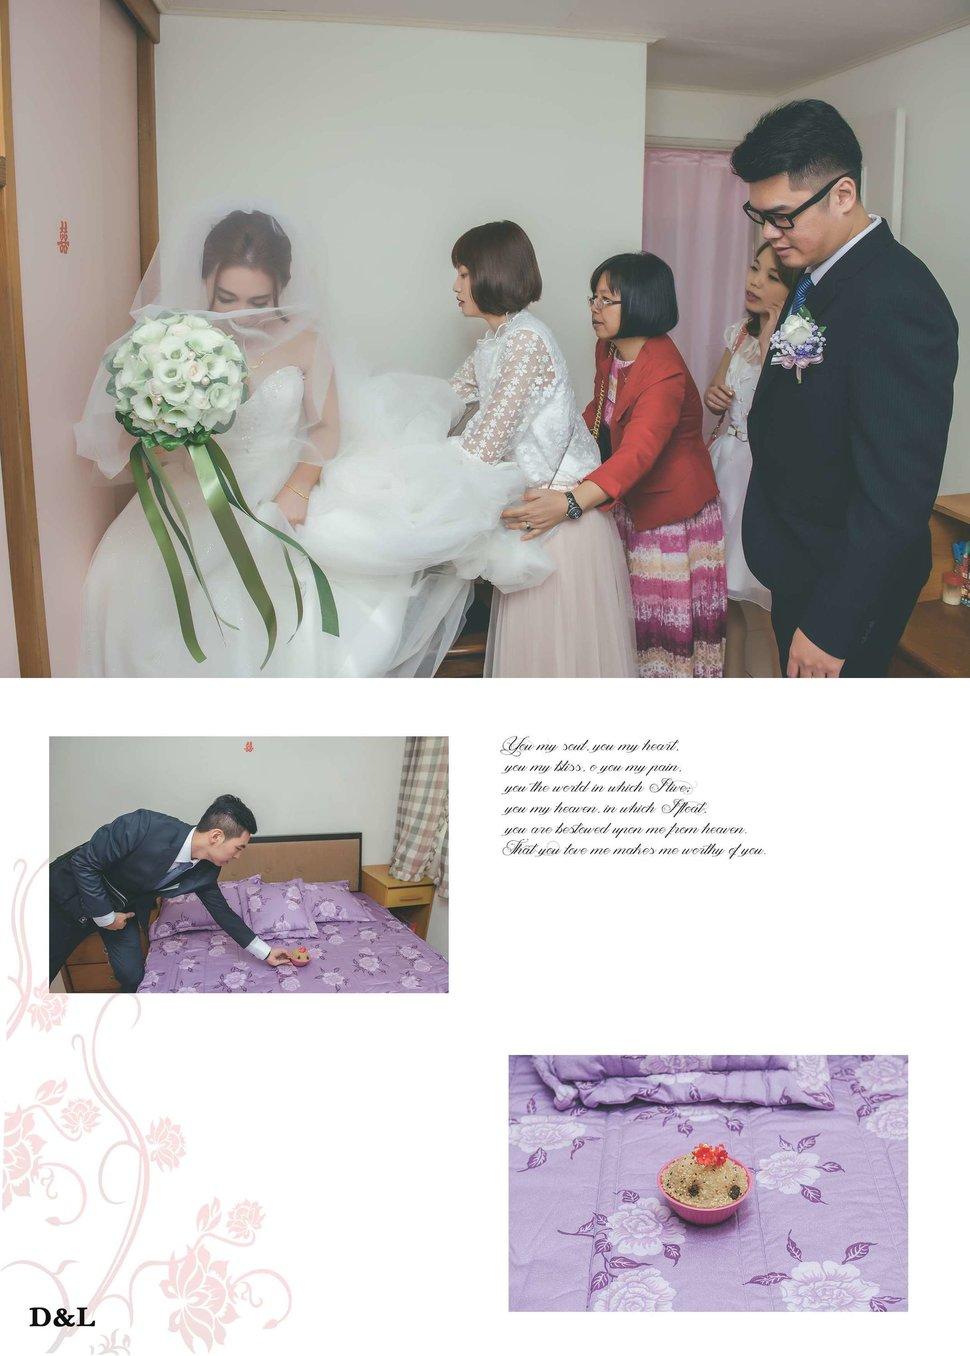 23 - D&L 婚禮事務-婚紗攝影/婚禮記錄 - 結婚吧